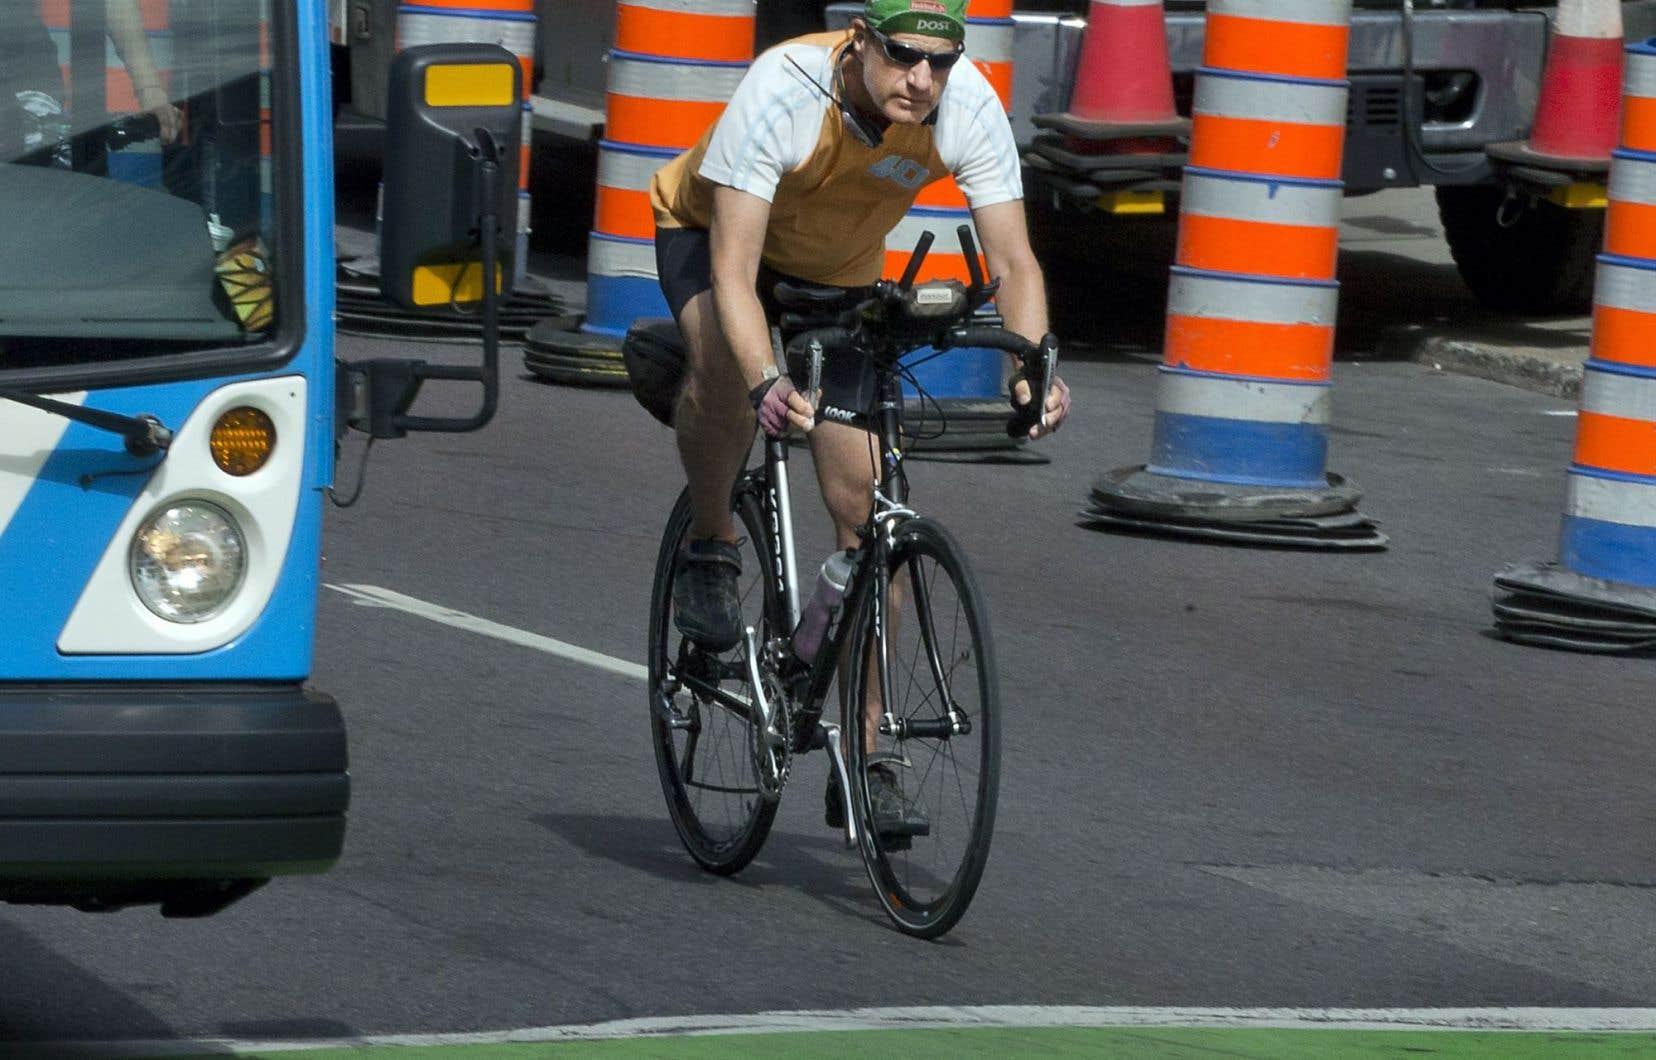 Les cyclistes qui circulent en ville sont particulièrement vulnérables. L'organisme Vélo Québec veut présenter différentes mesures qui pourraient améliorer la sécurité des personnes qui se déplacent à vélo.